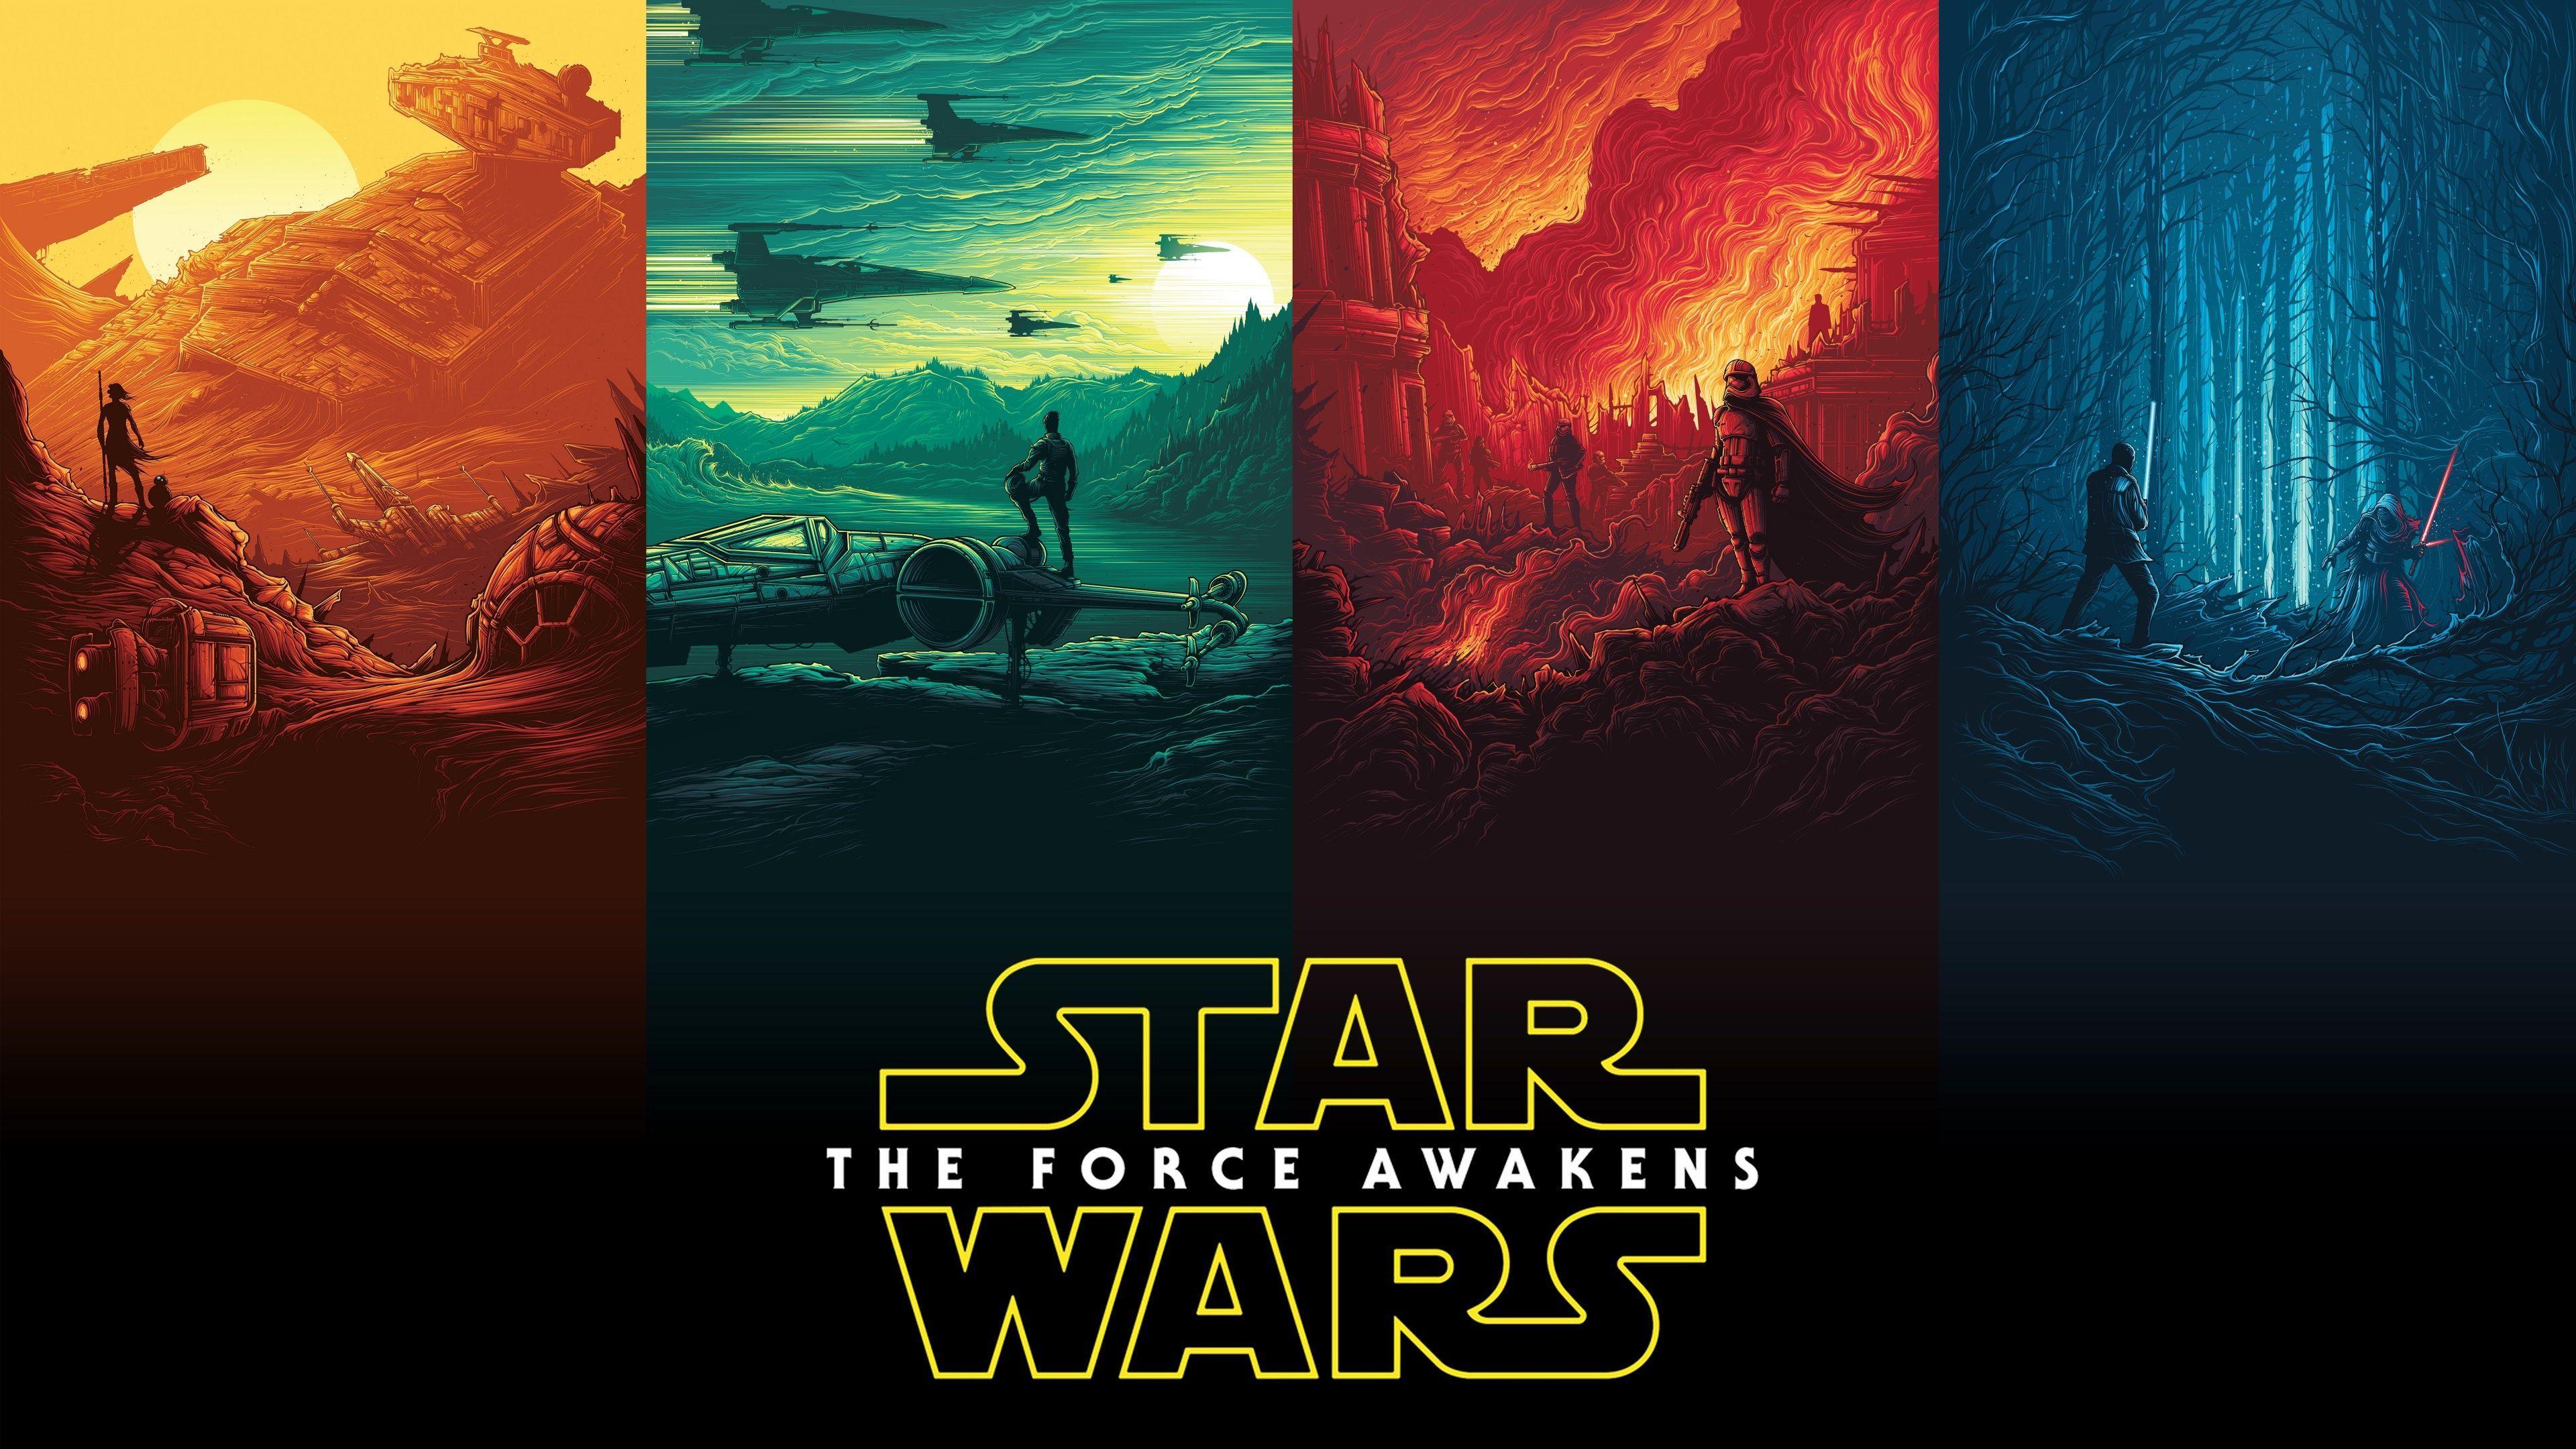 Star Wars 4K Wallpaper 40 3840 x 2160